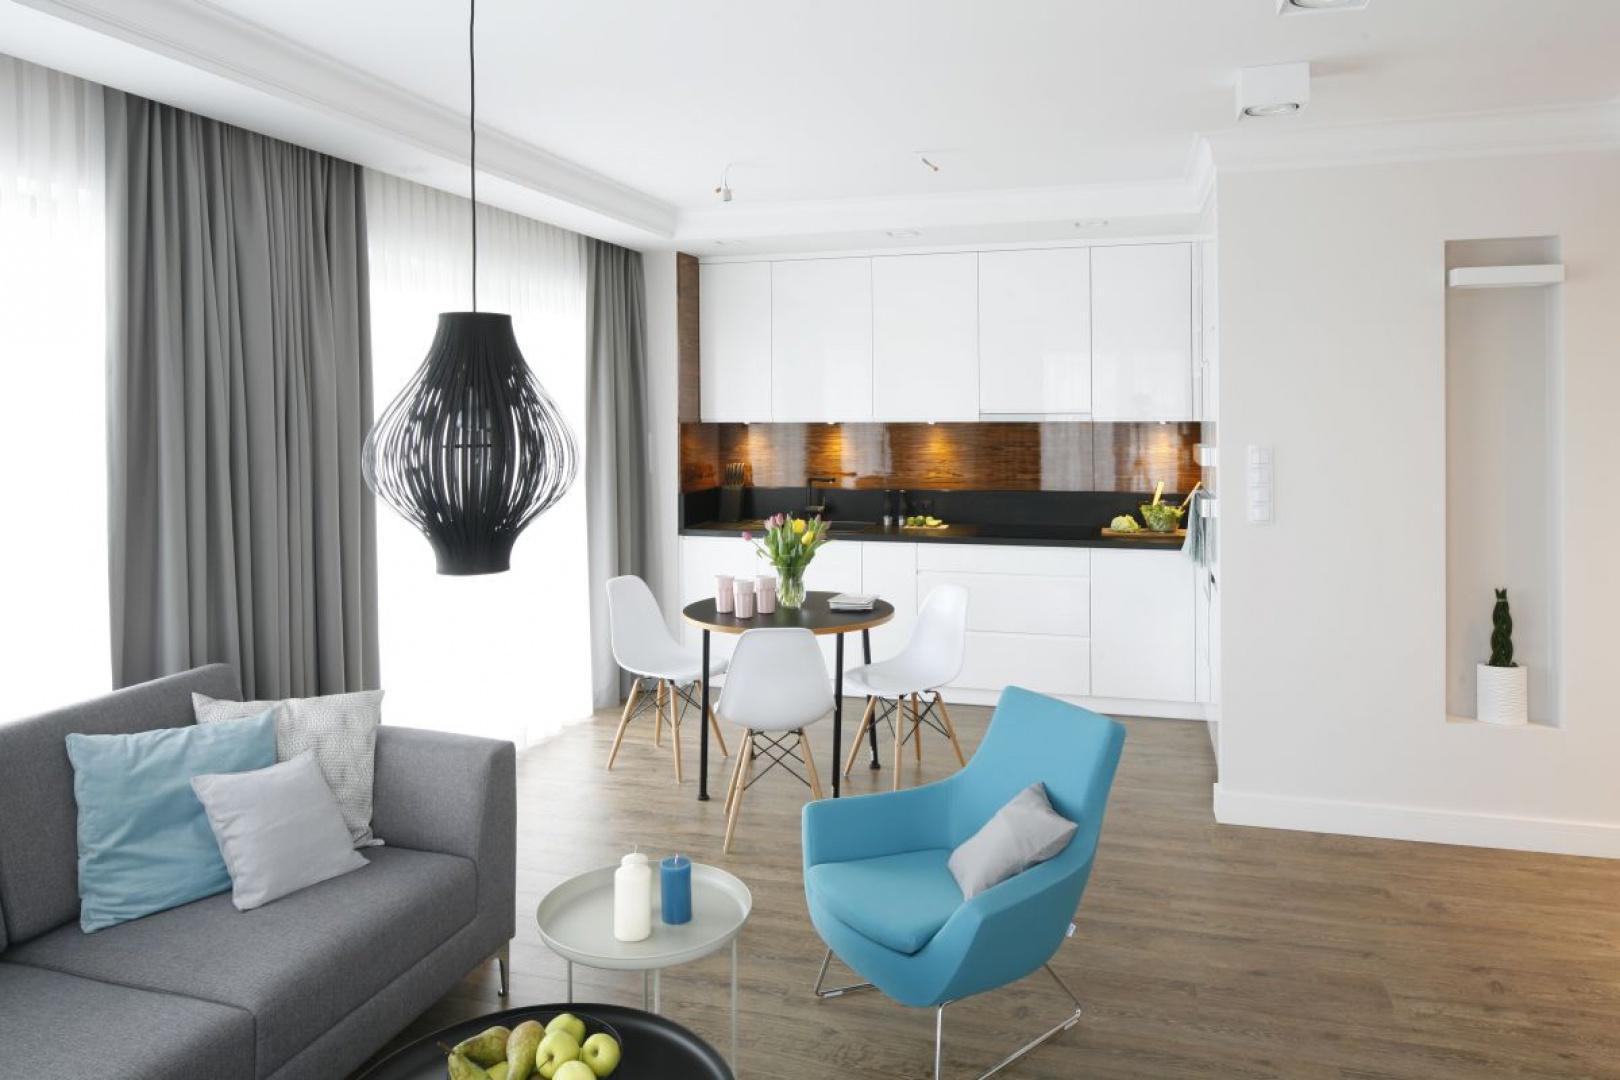 Mieszkanie zgodnie z intencją inwestorów jest urządzone funkcjonalnie i nowocześnie. Proj. Małgorzata Galewska. Fot. Bartosz Jarosz